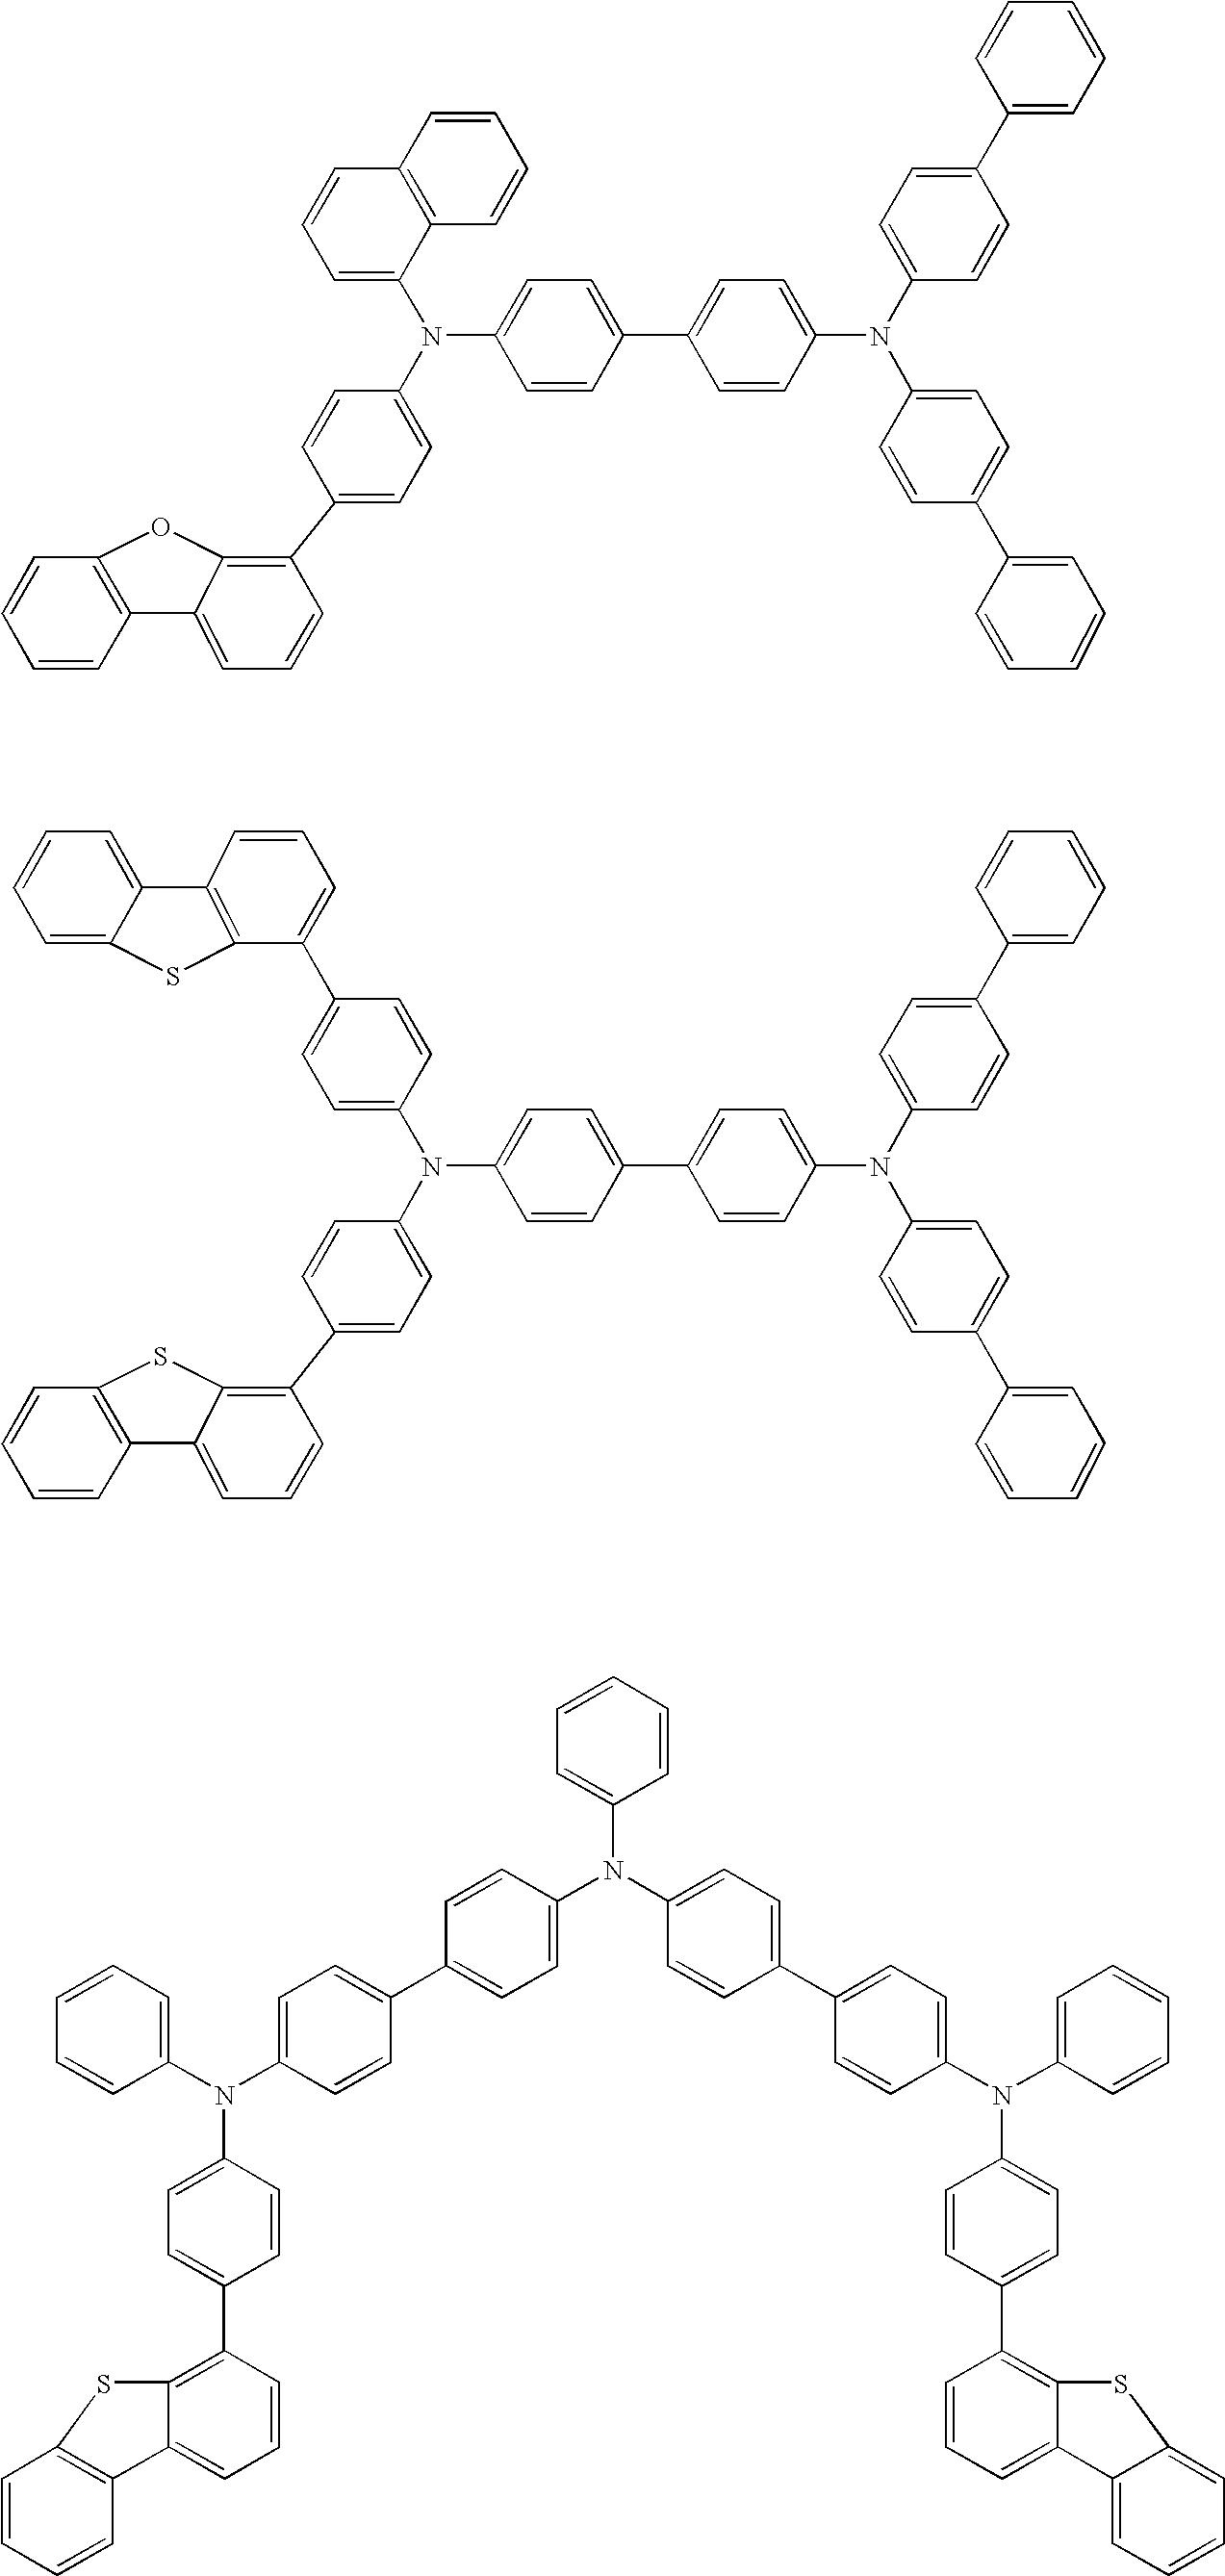 Figure US20070278938A1-20071206-C00014